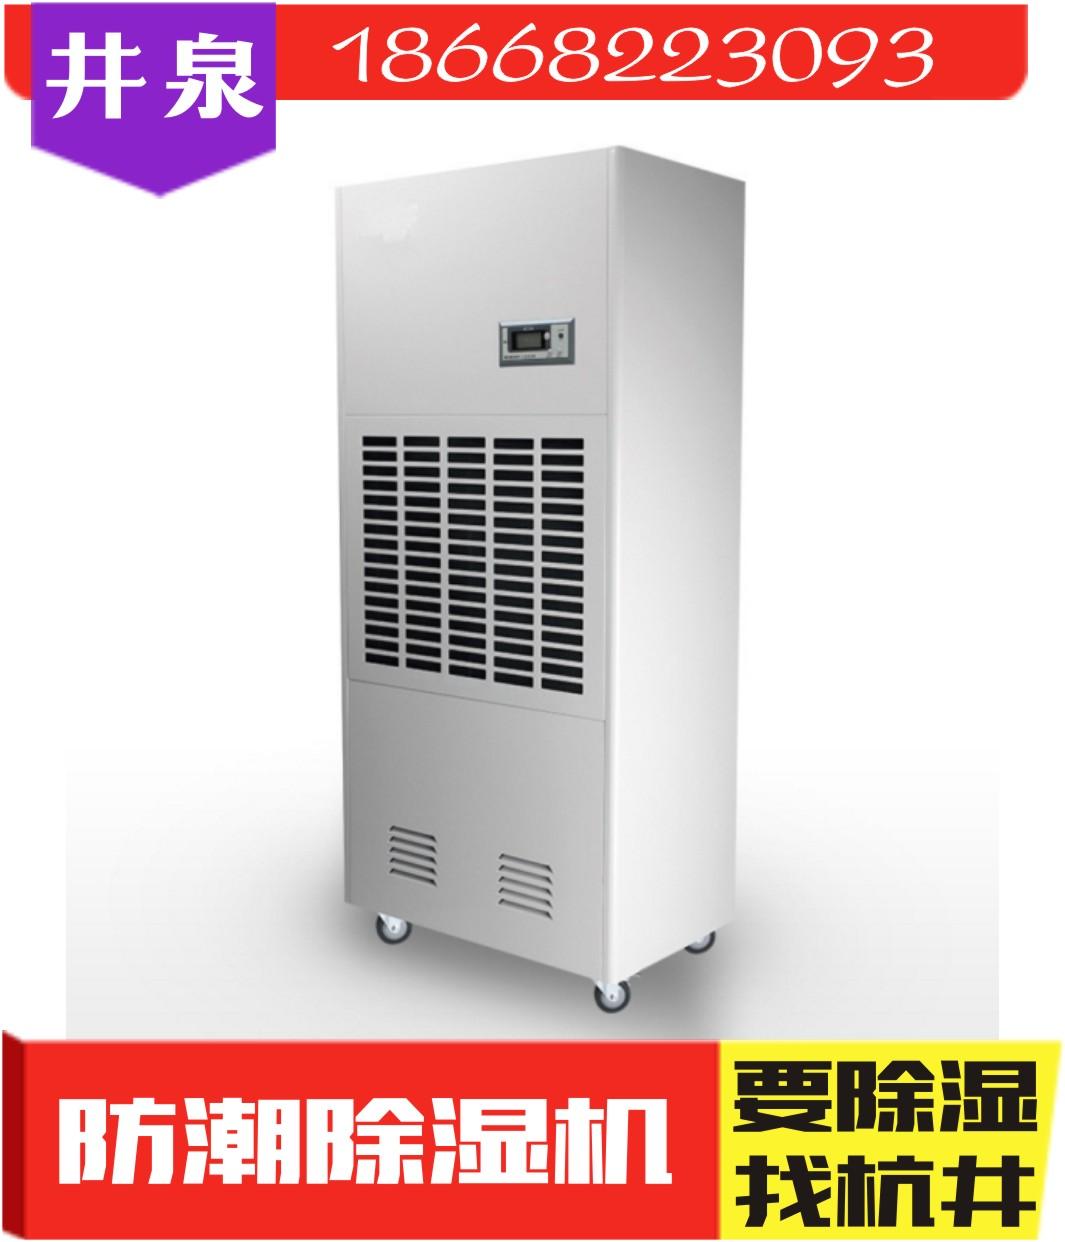 吴江除湿机如何选购?吴江电子厂除湿机哪家好?